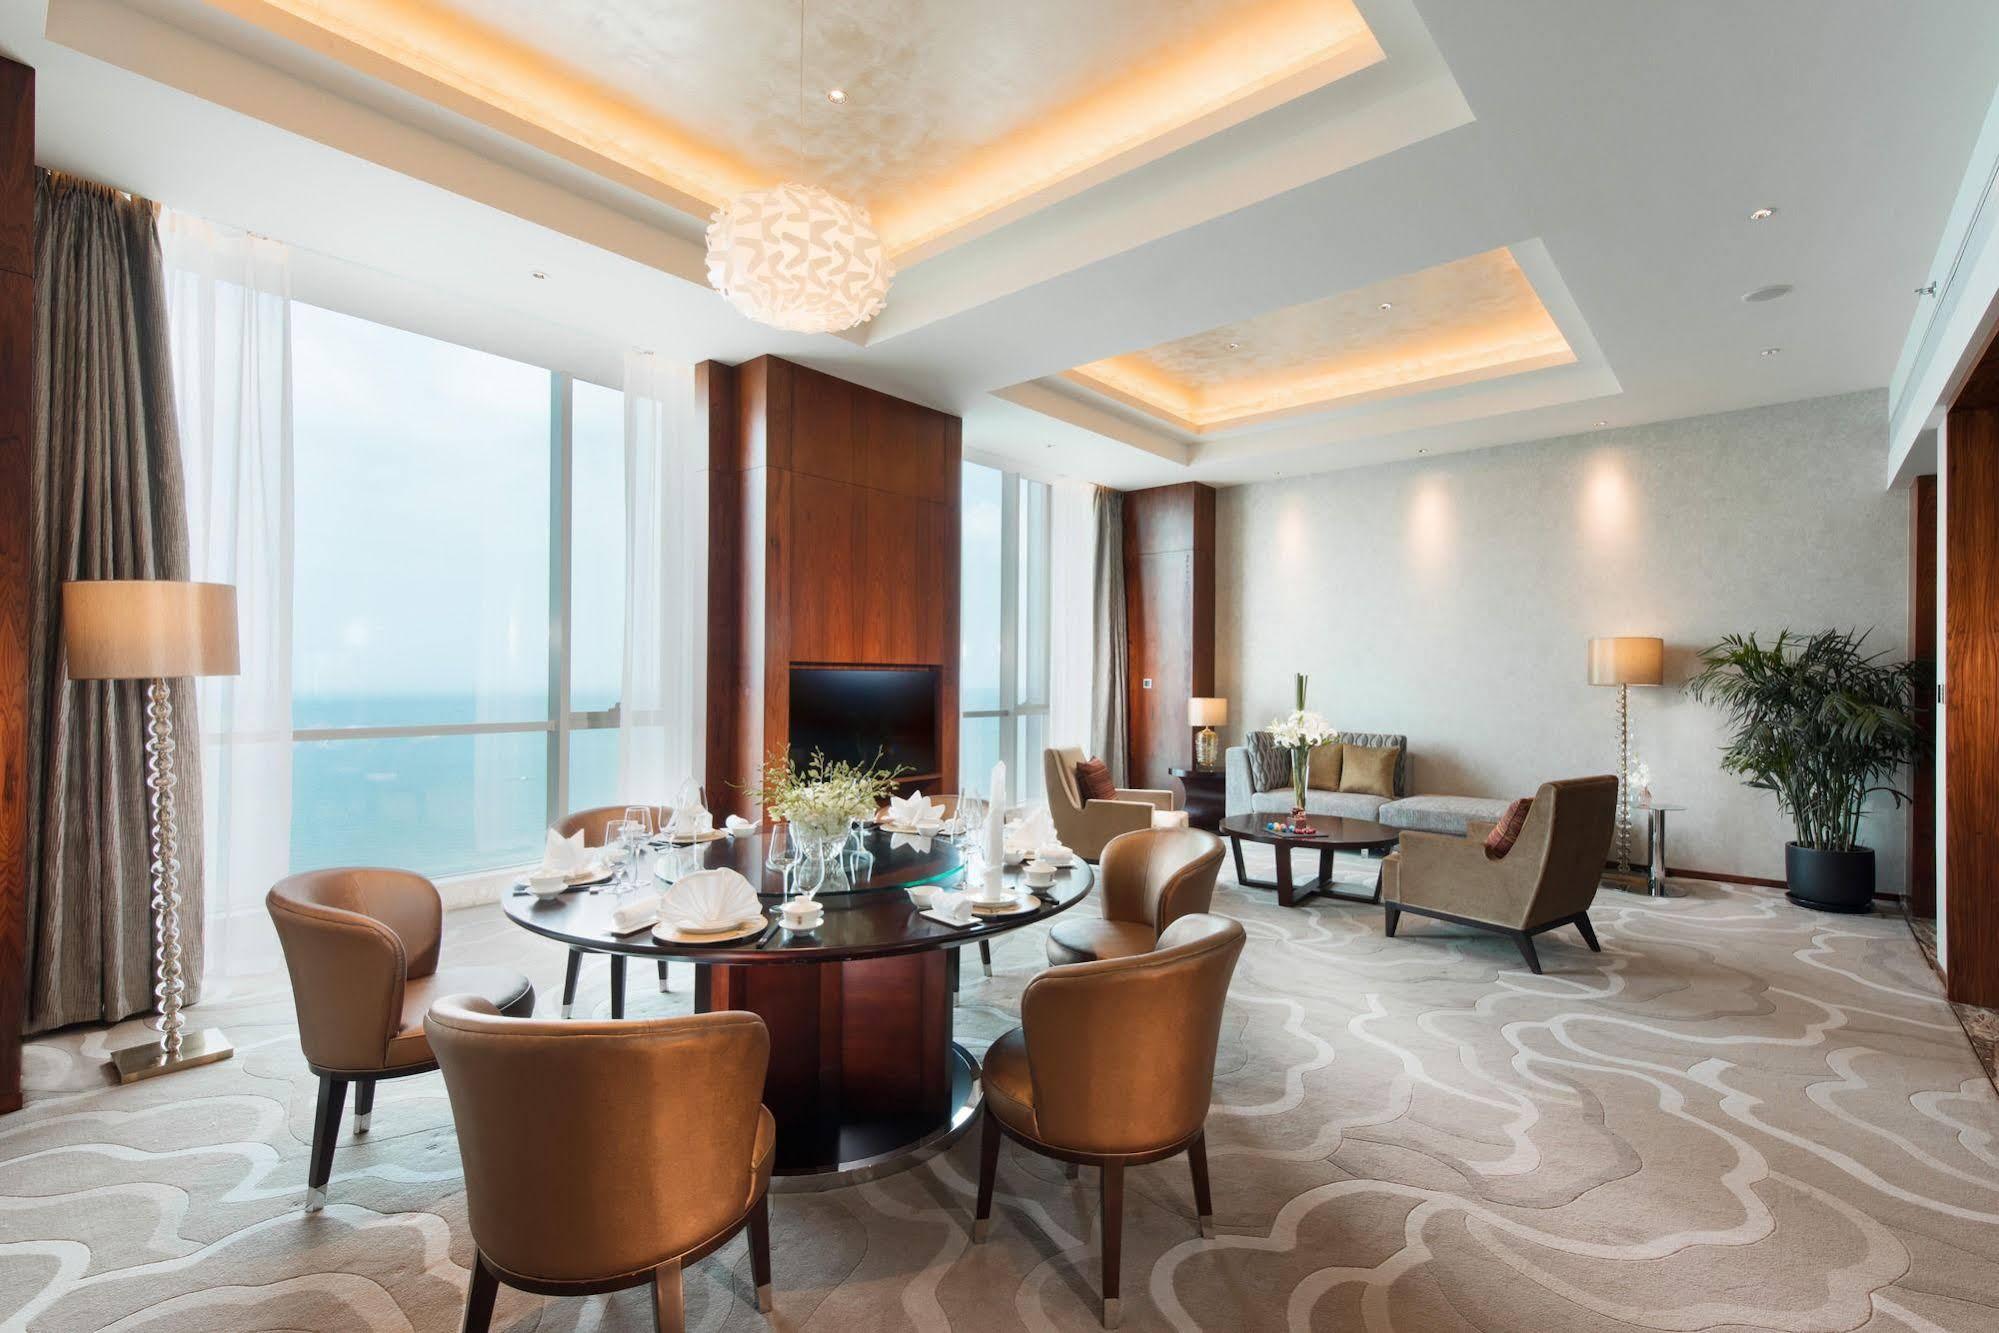 Hilton Yantai Golden Coast